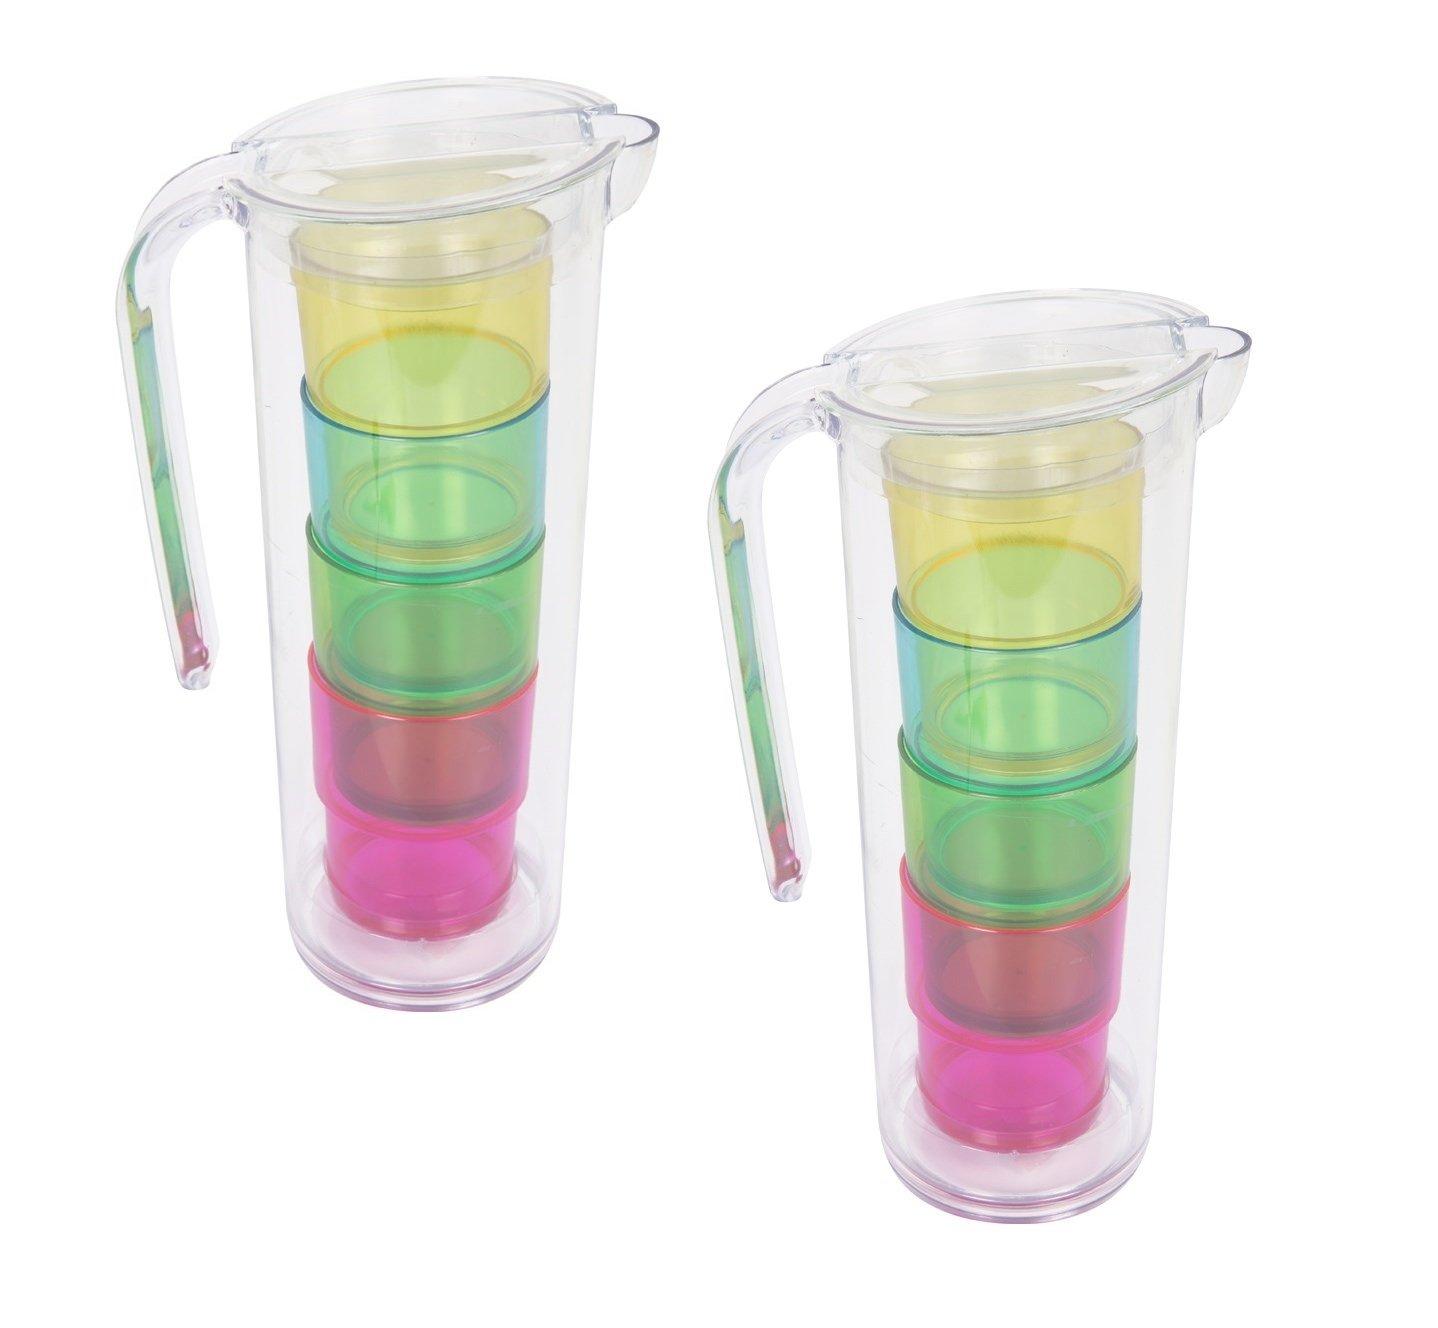 Invero/®/ party in bambini estate e pi/ù /2/x confezione di estate brocche Cup set include 2/x grande brocche e 8/x luminosi colorati tazze/ /servire bevande da giardino per eventi barbecue